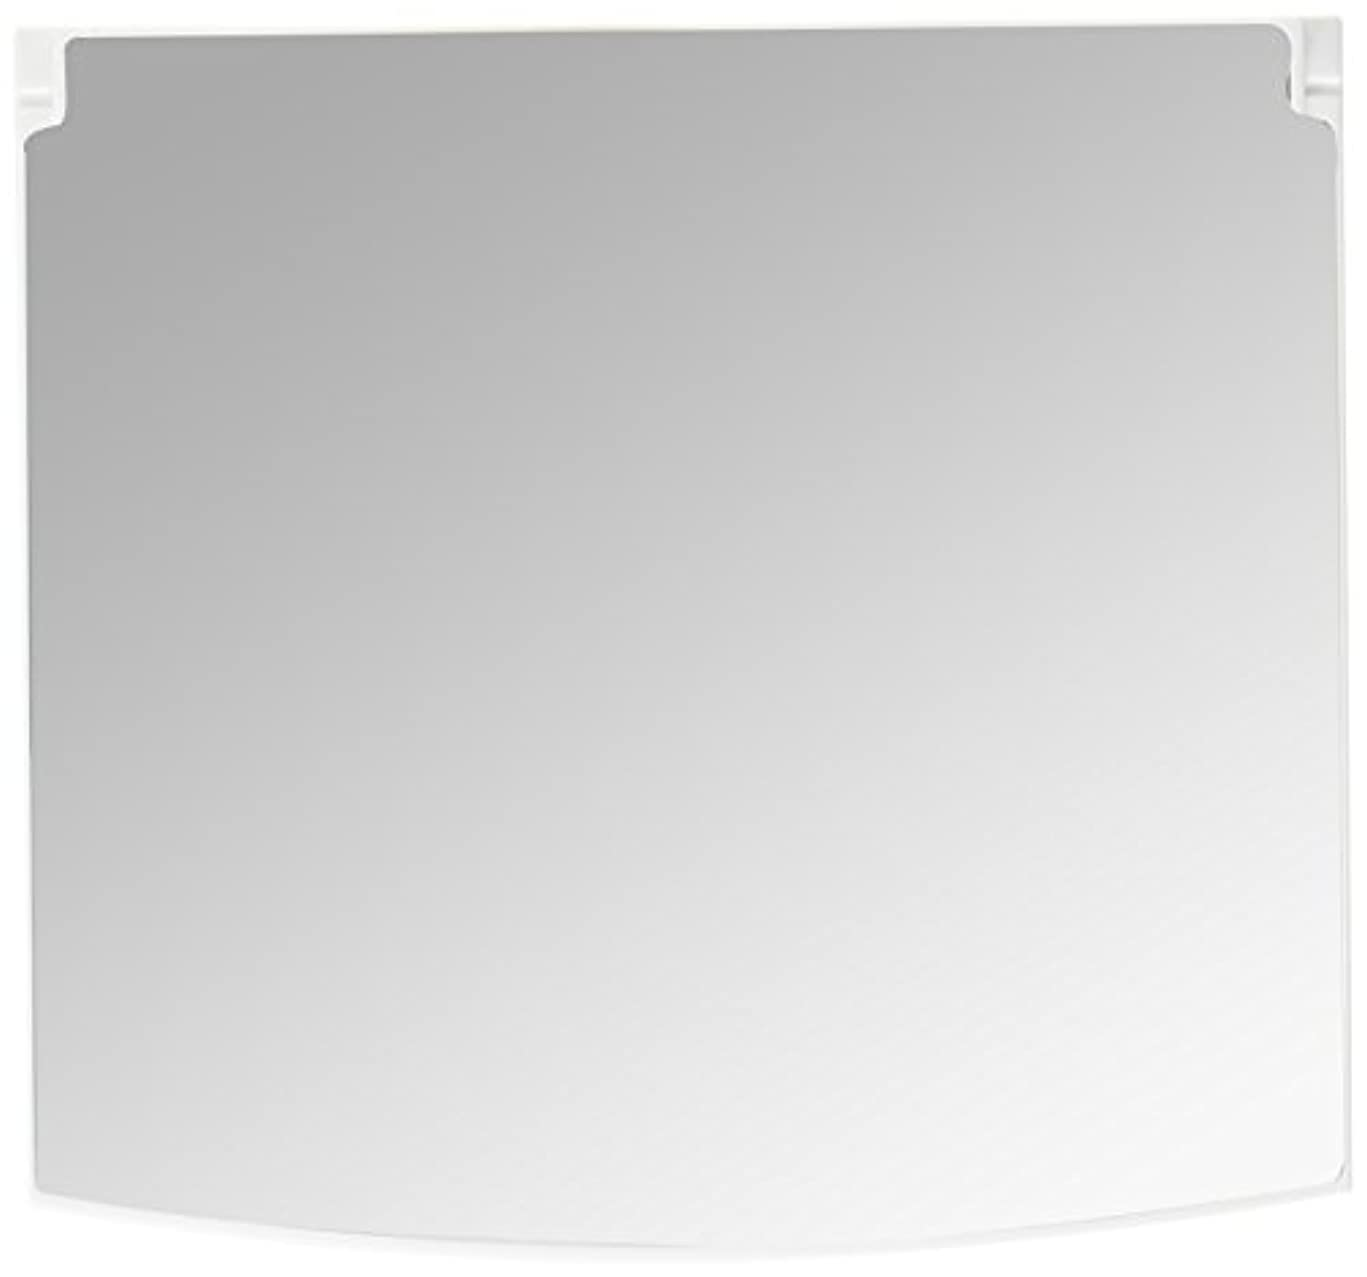 ちっちゃい権限を与える凝視ジェルネイル  サンシャインベビー  パールランプ 反射板